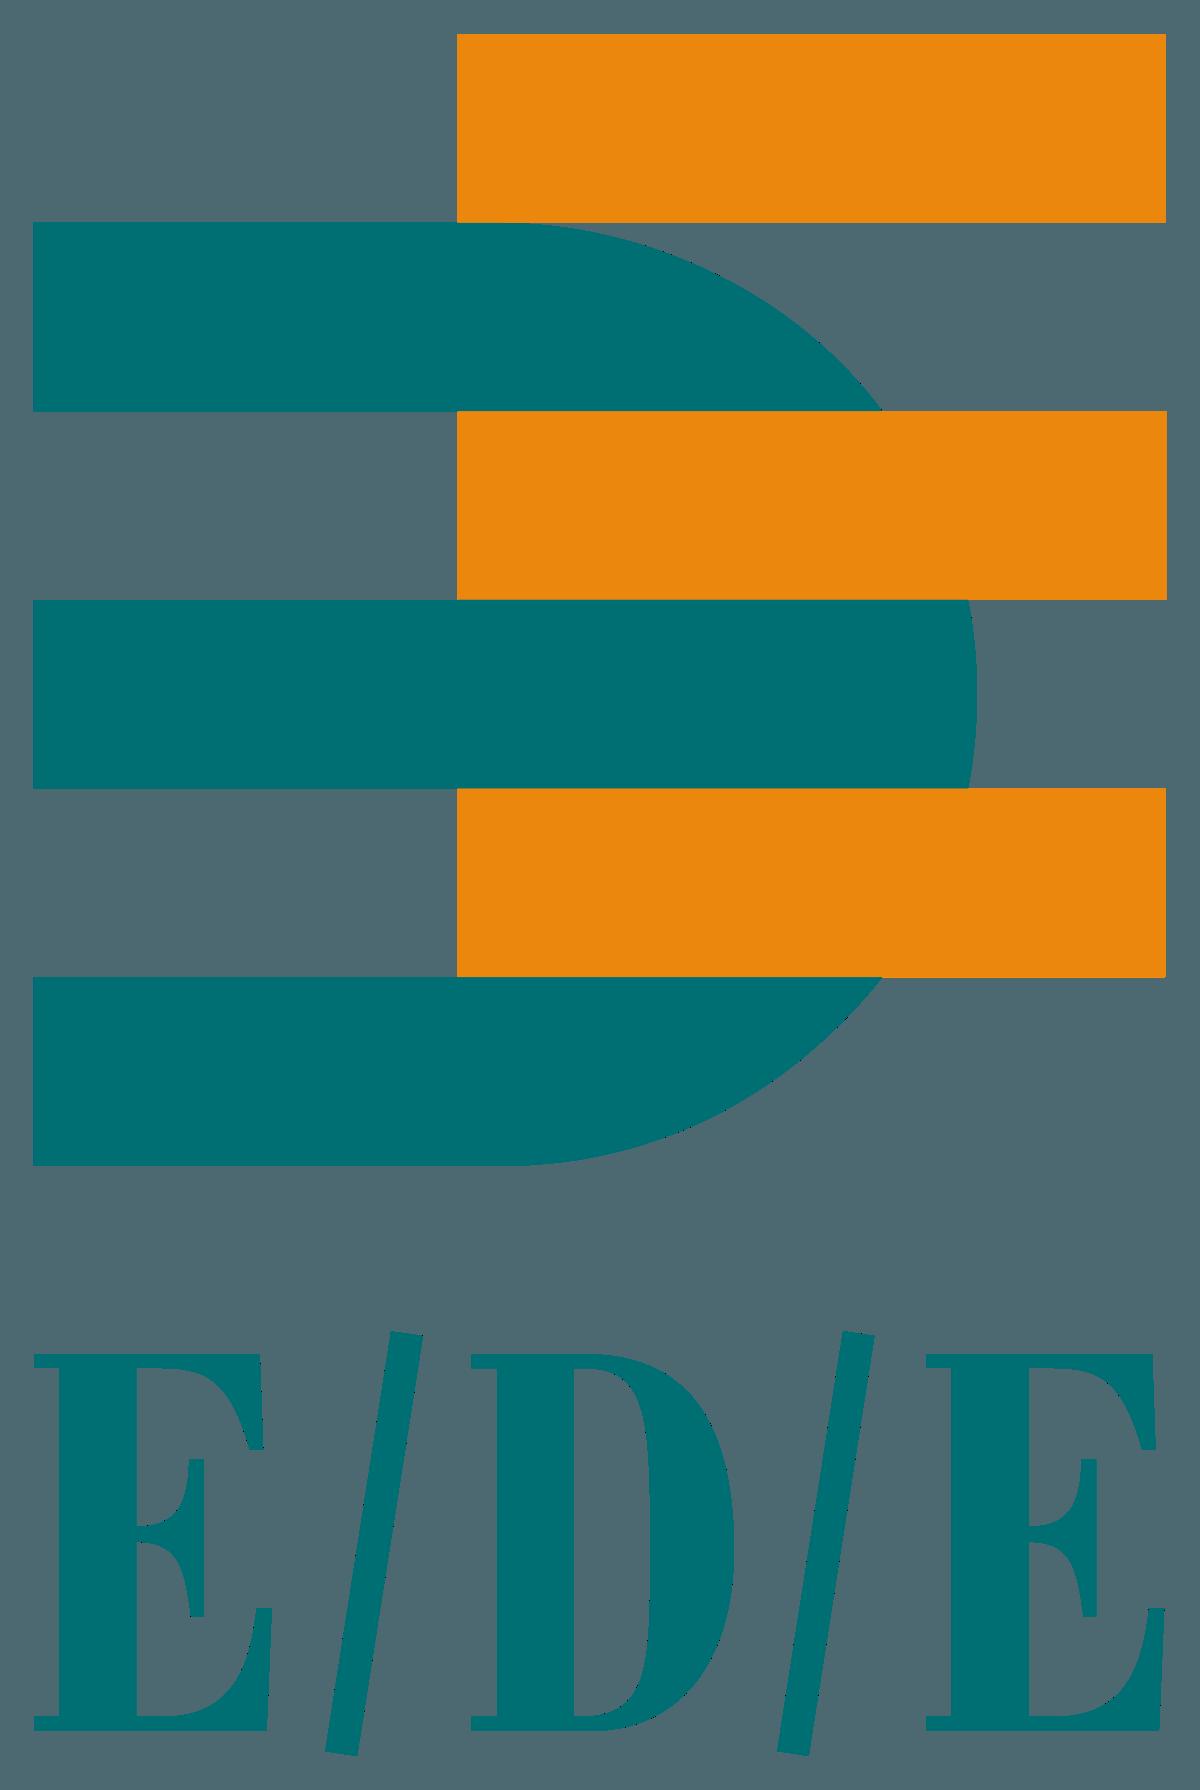 Logo E/D/E